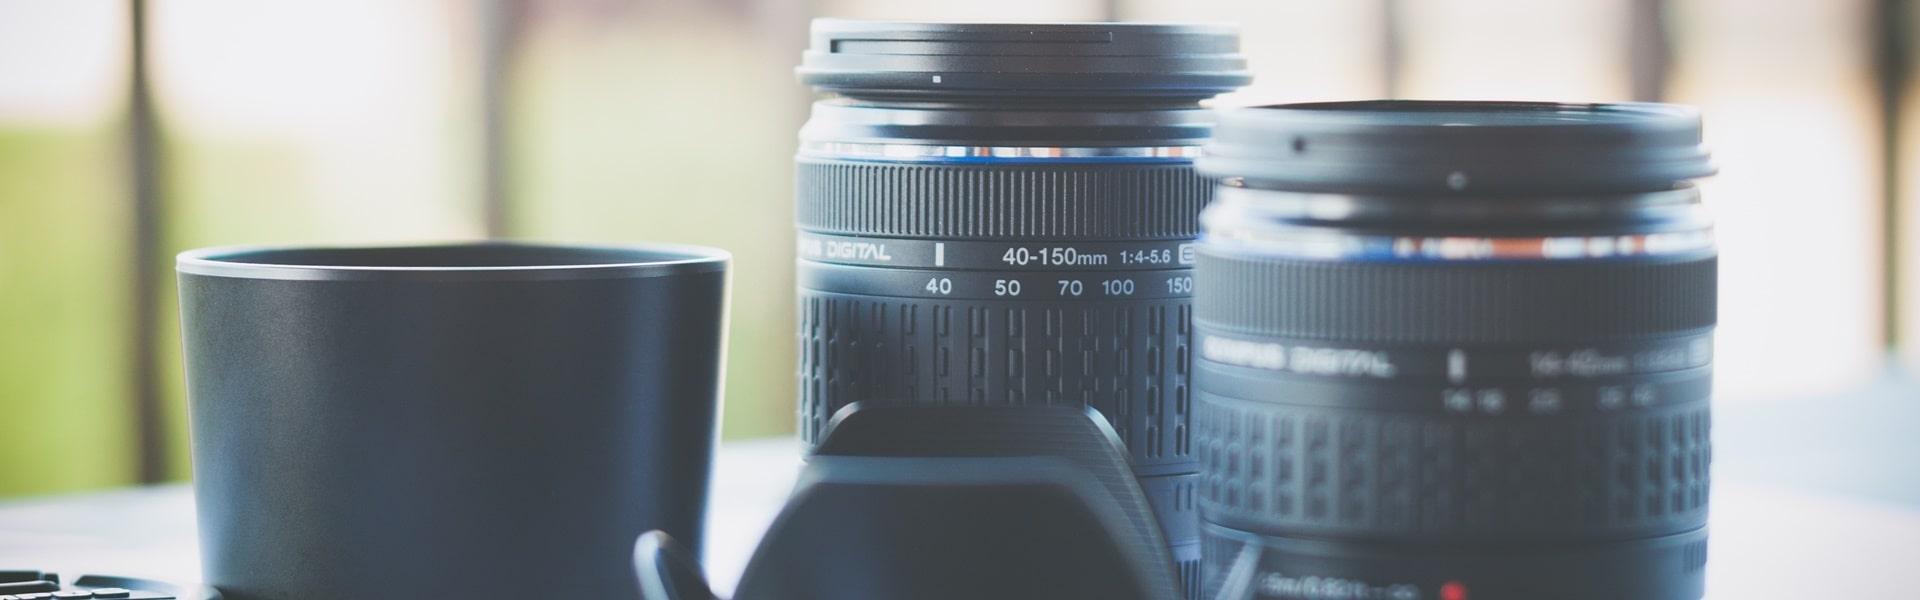 Fotowettbewerb Wegezin